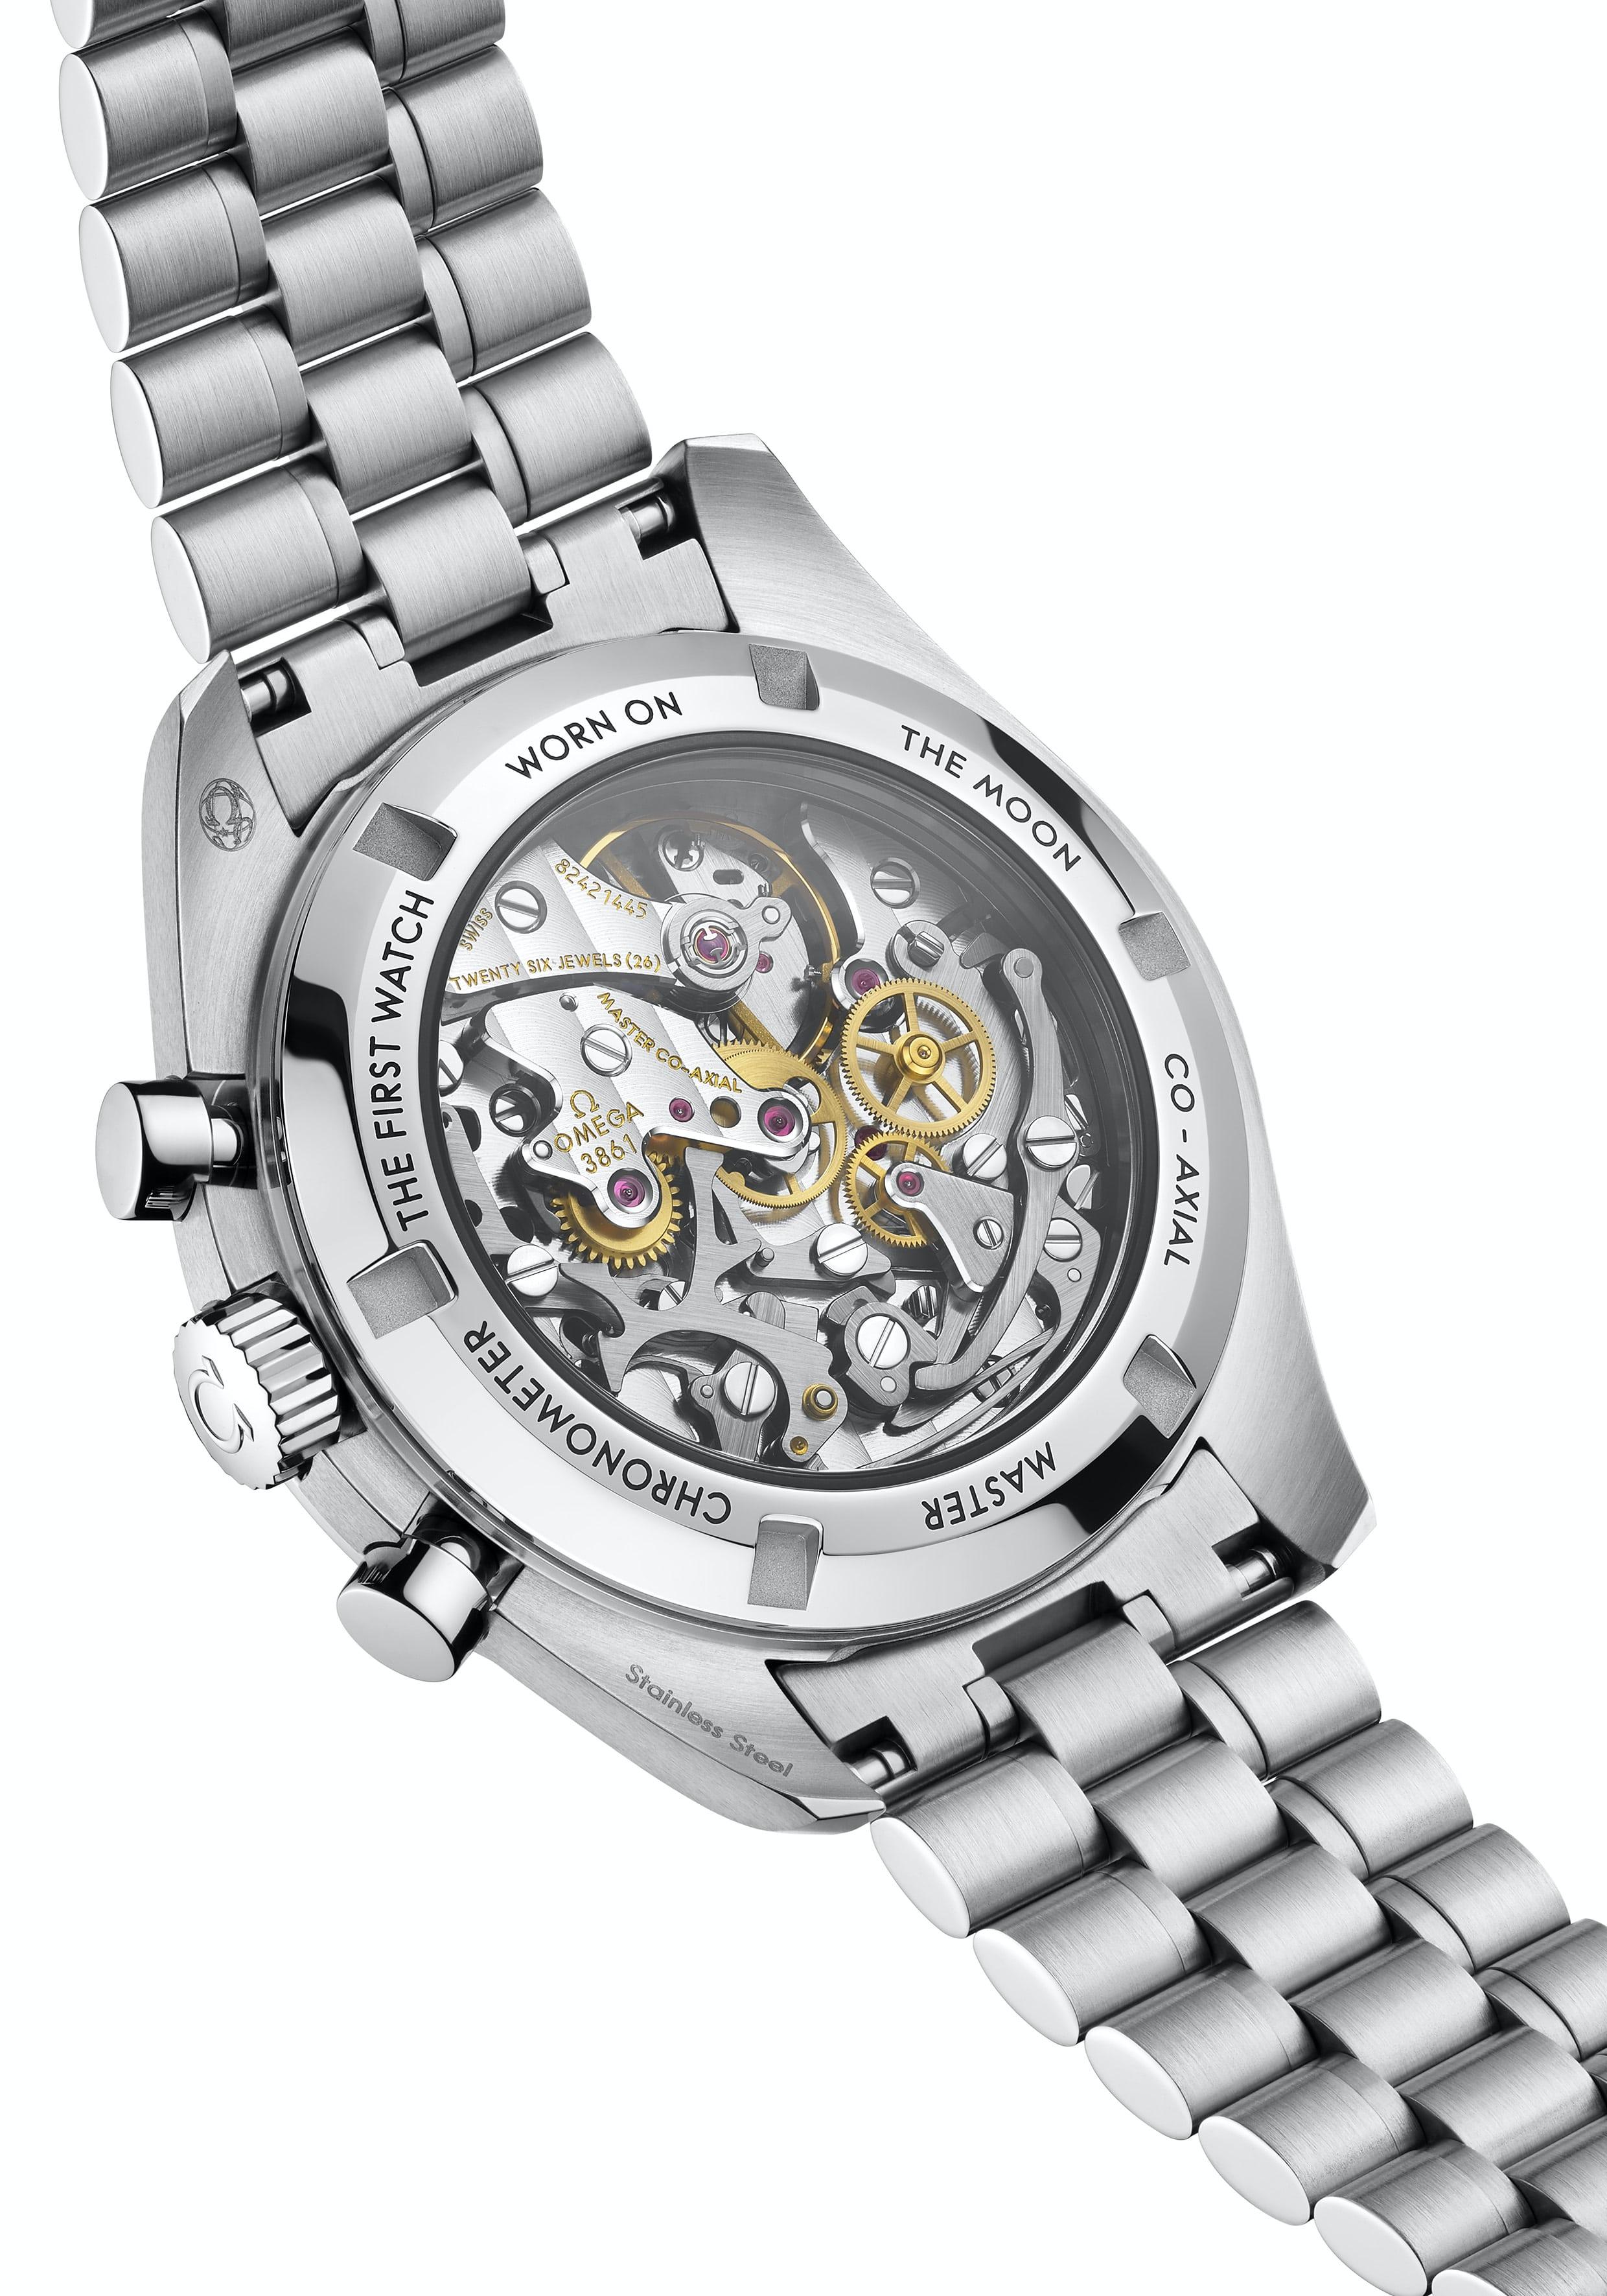 Cận cảnh chiếc đồng hồ theo tỷ phú Jeff Bezos bay lên rìa vũ trụ - Ảnh 12